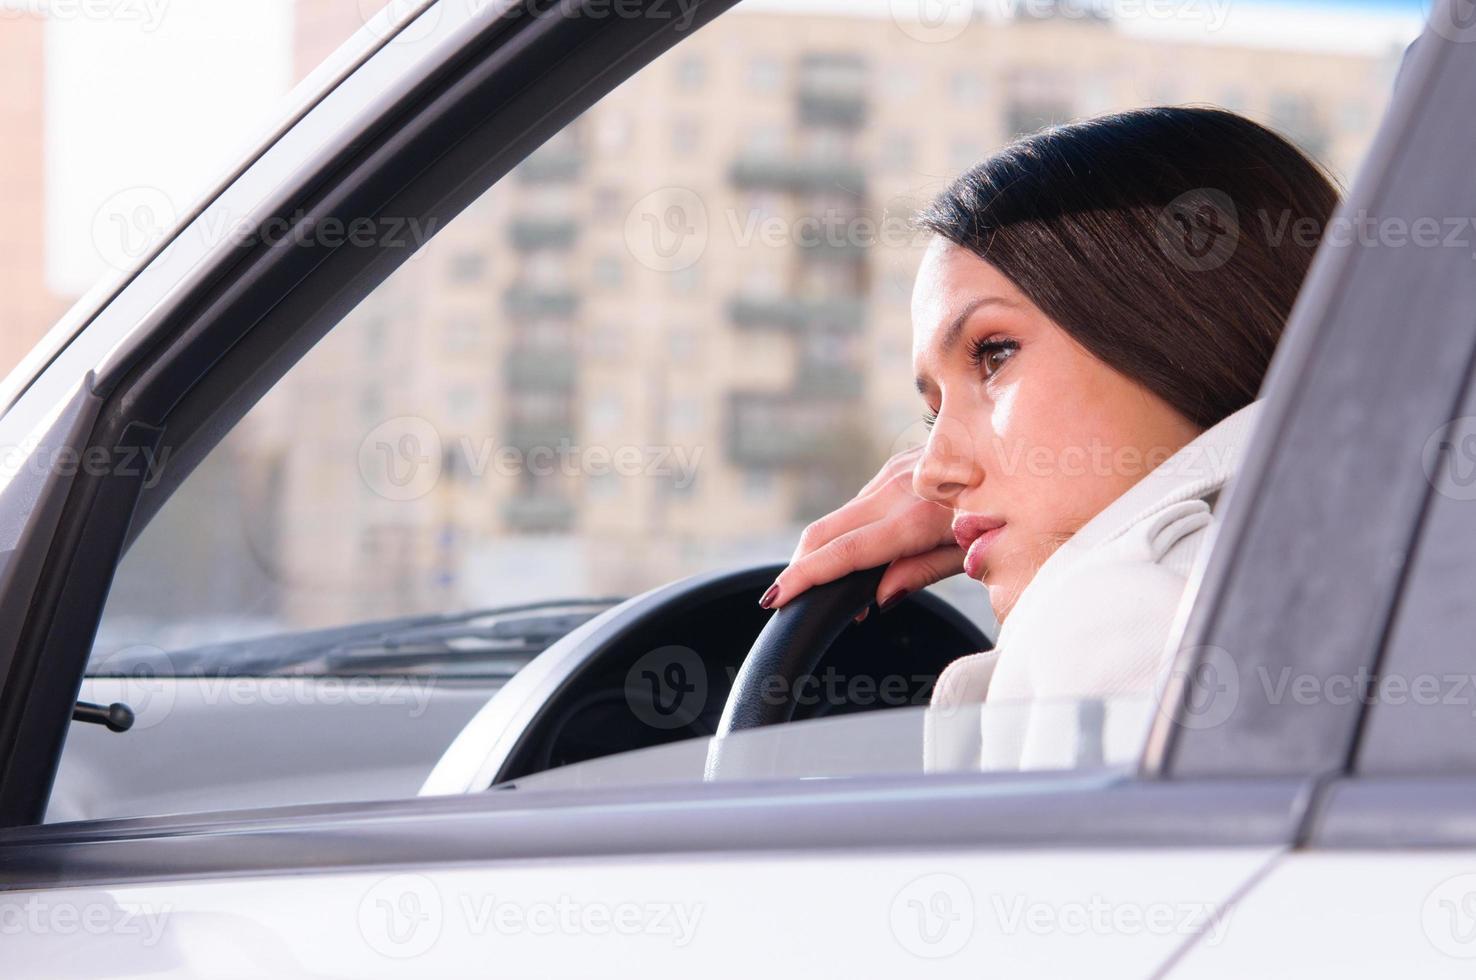 vrouw rust in een auto foto